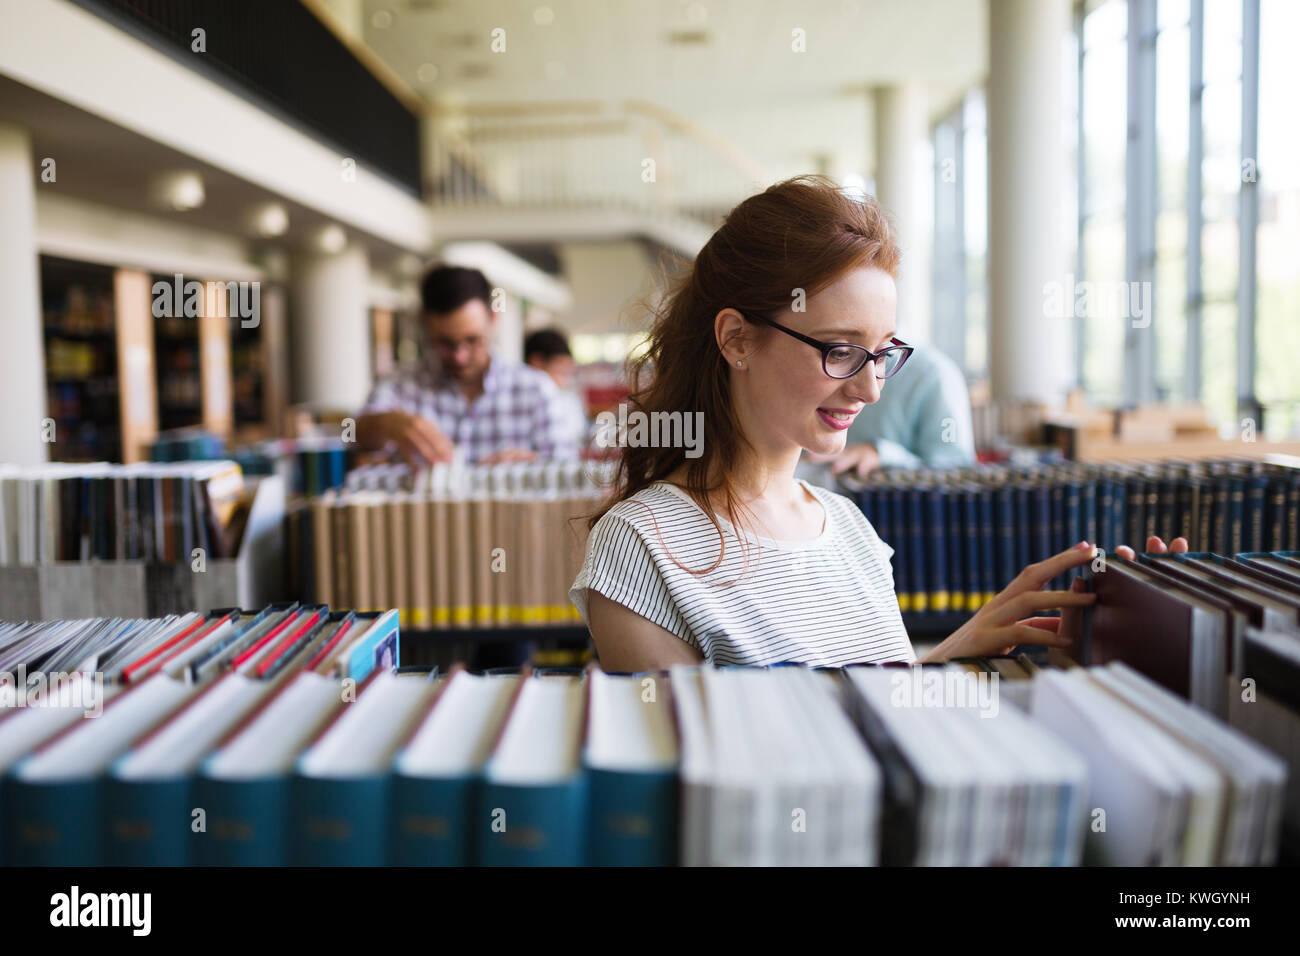 Retrato de una hermosa niña sonriente libro de lectura en la biblioteca Imagen De Stock